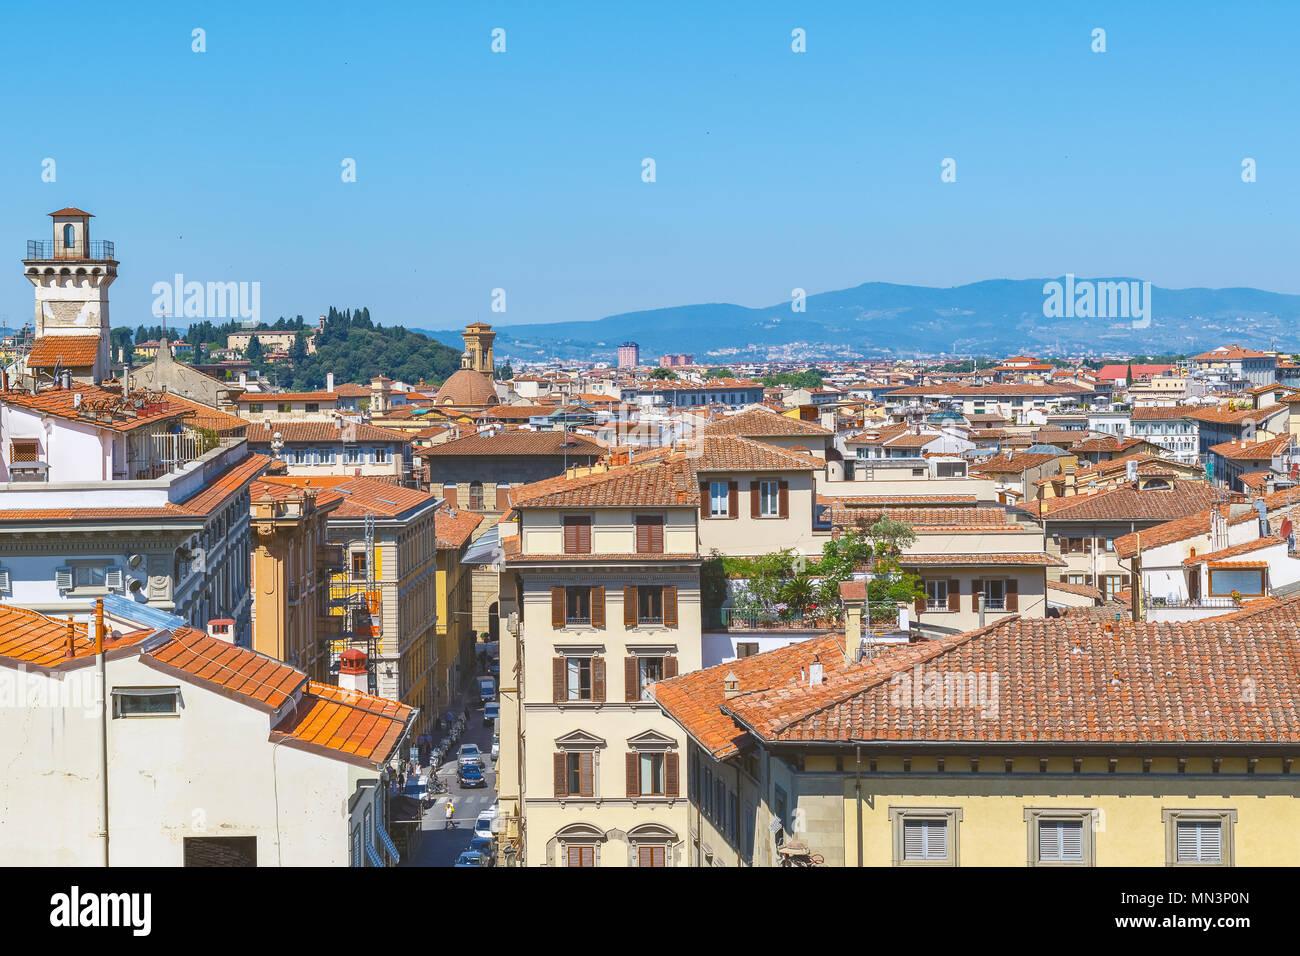 Das Stadtbild von Florenz in Italien, mit roten Dächer Stockbild